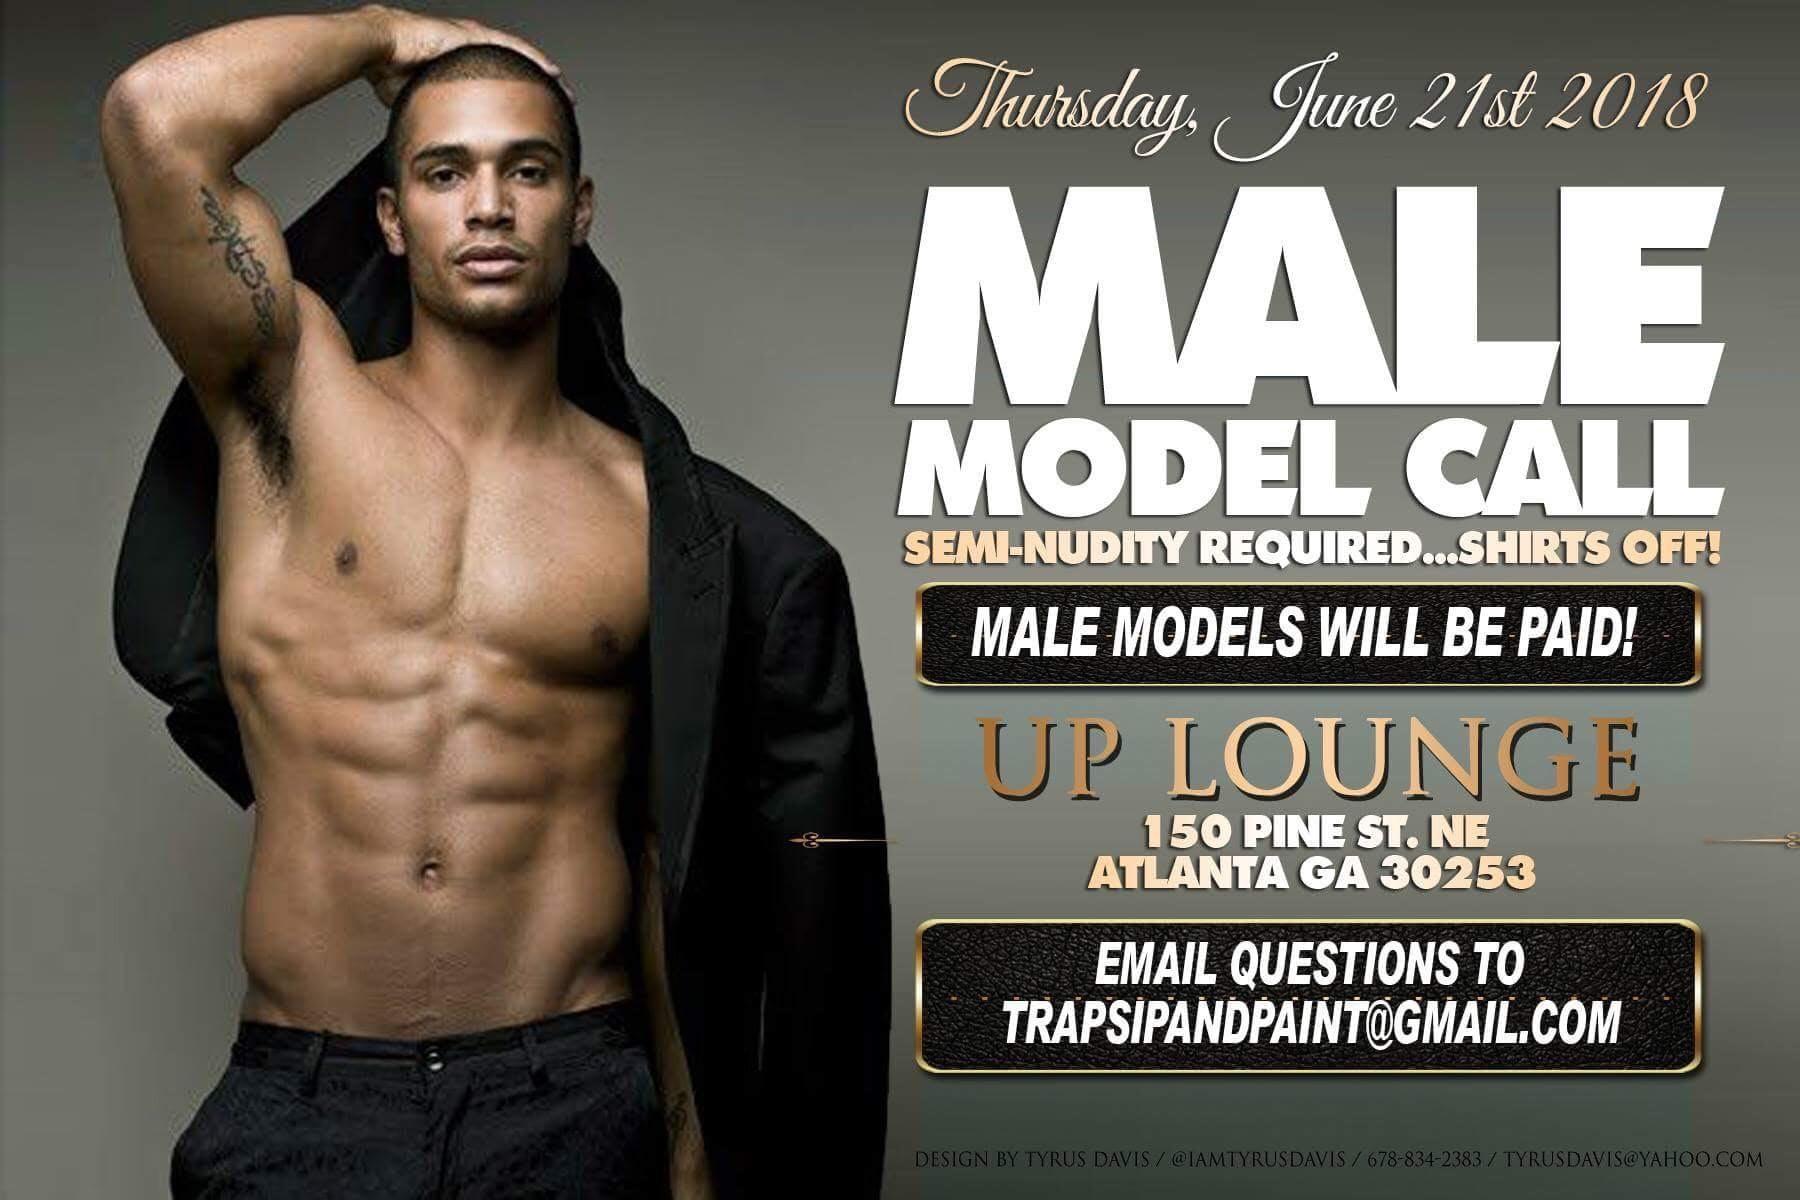 Model Call at UP Restaurant and Lounge, Atlanta